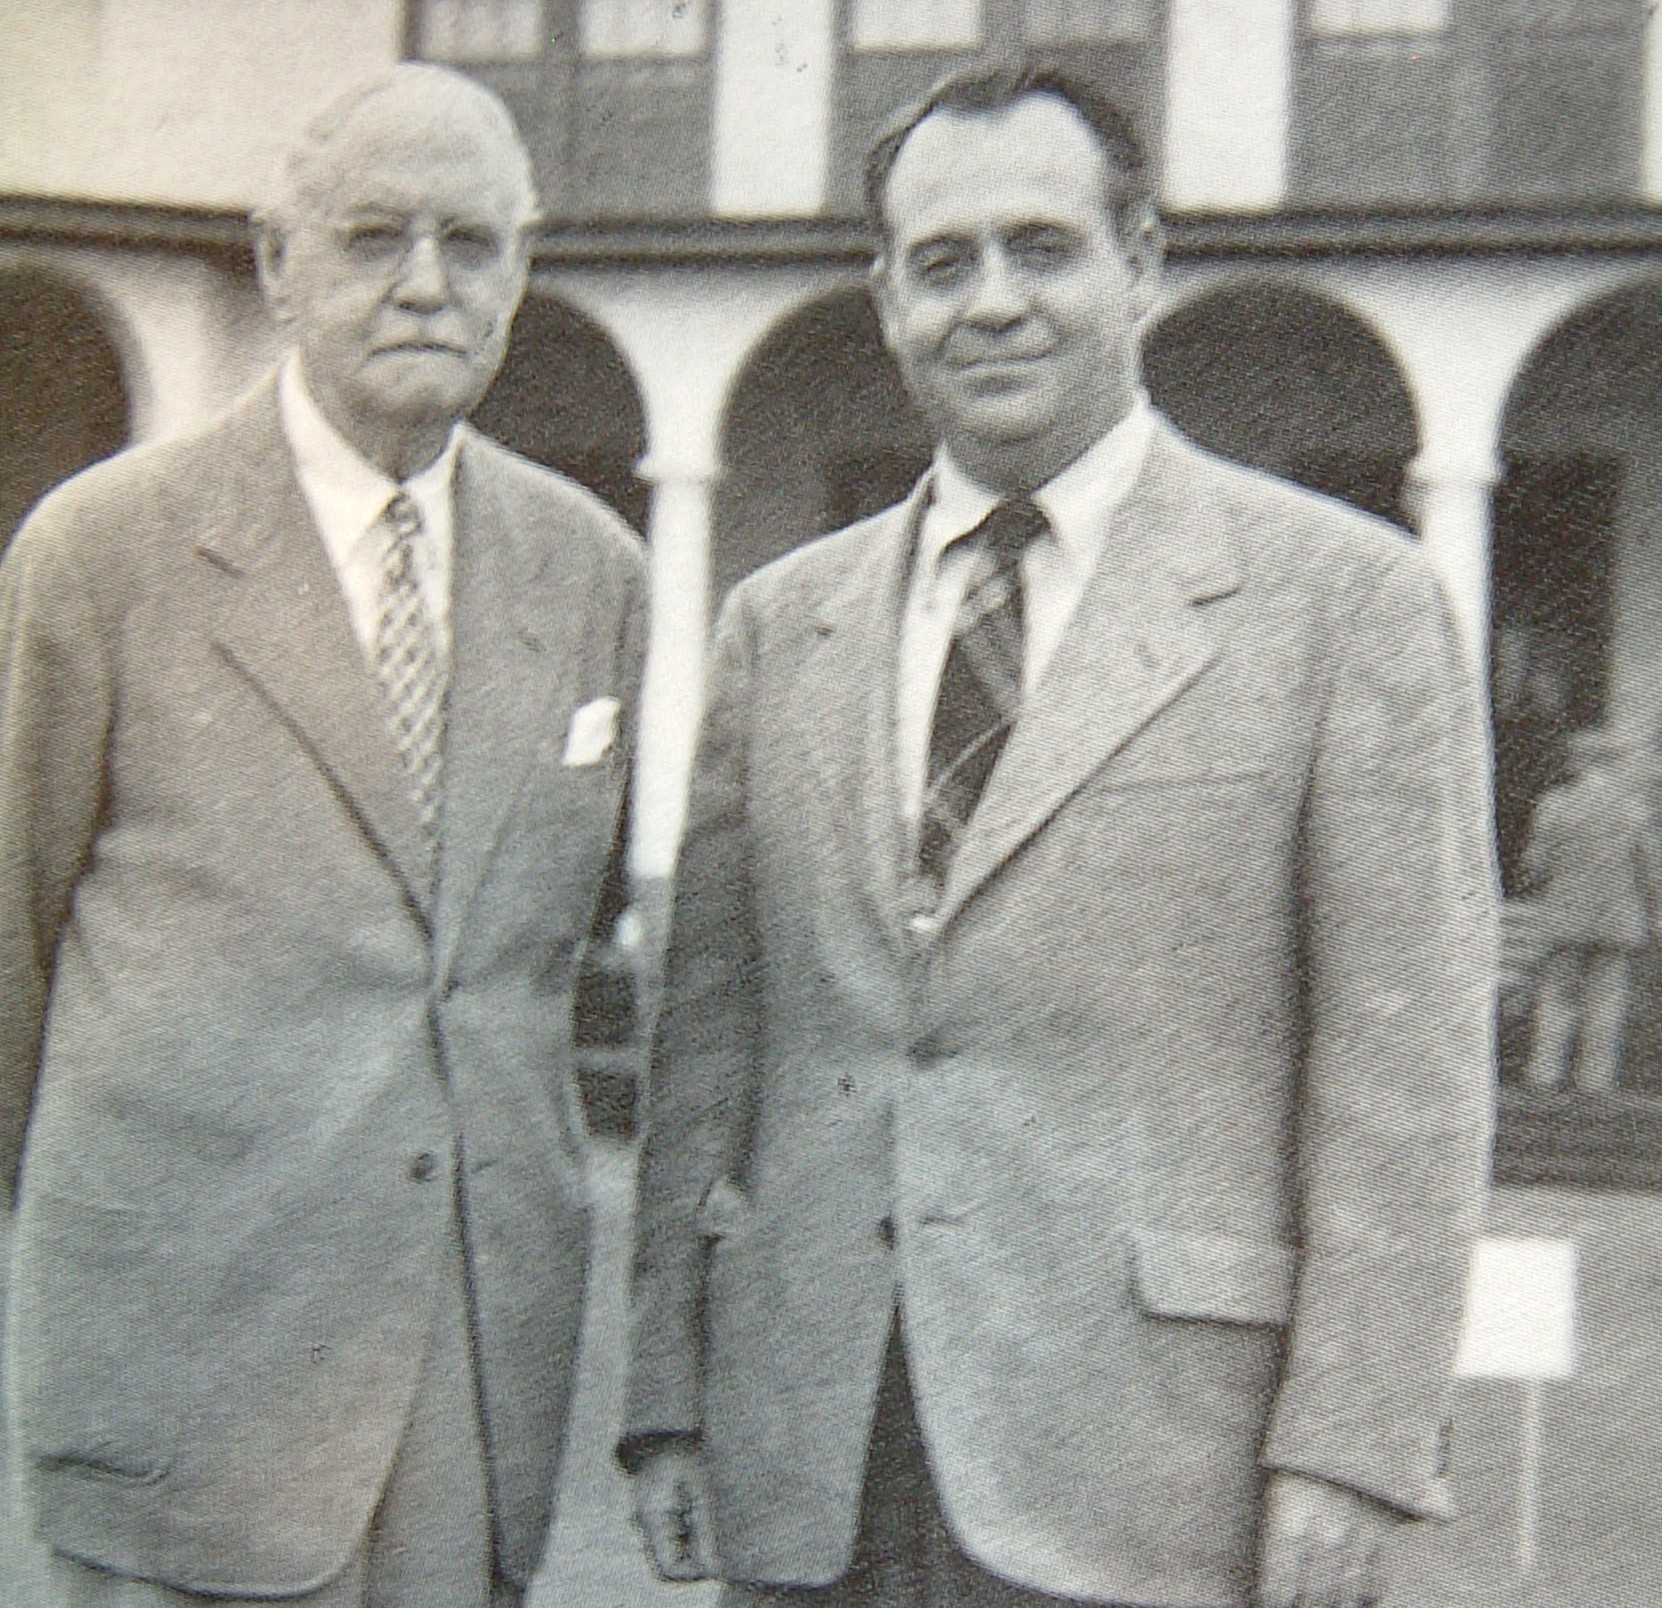 左 ドナルド・ロス 右 ロバート・トレント・ジョーンズSr